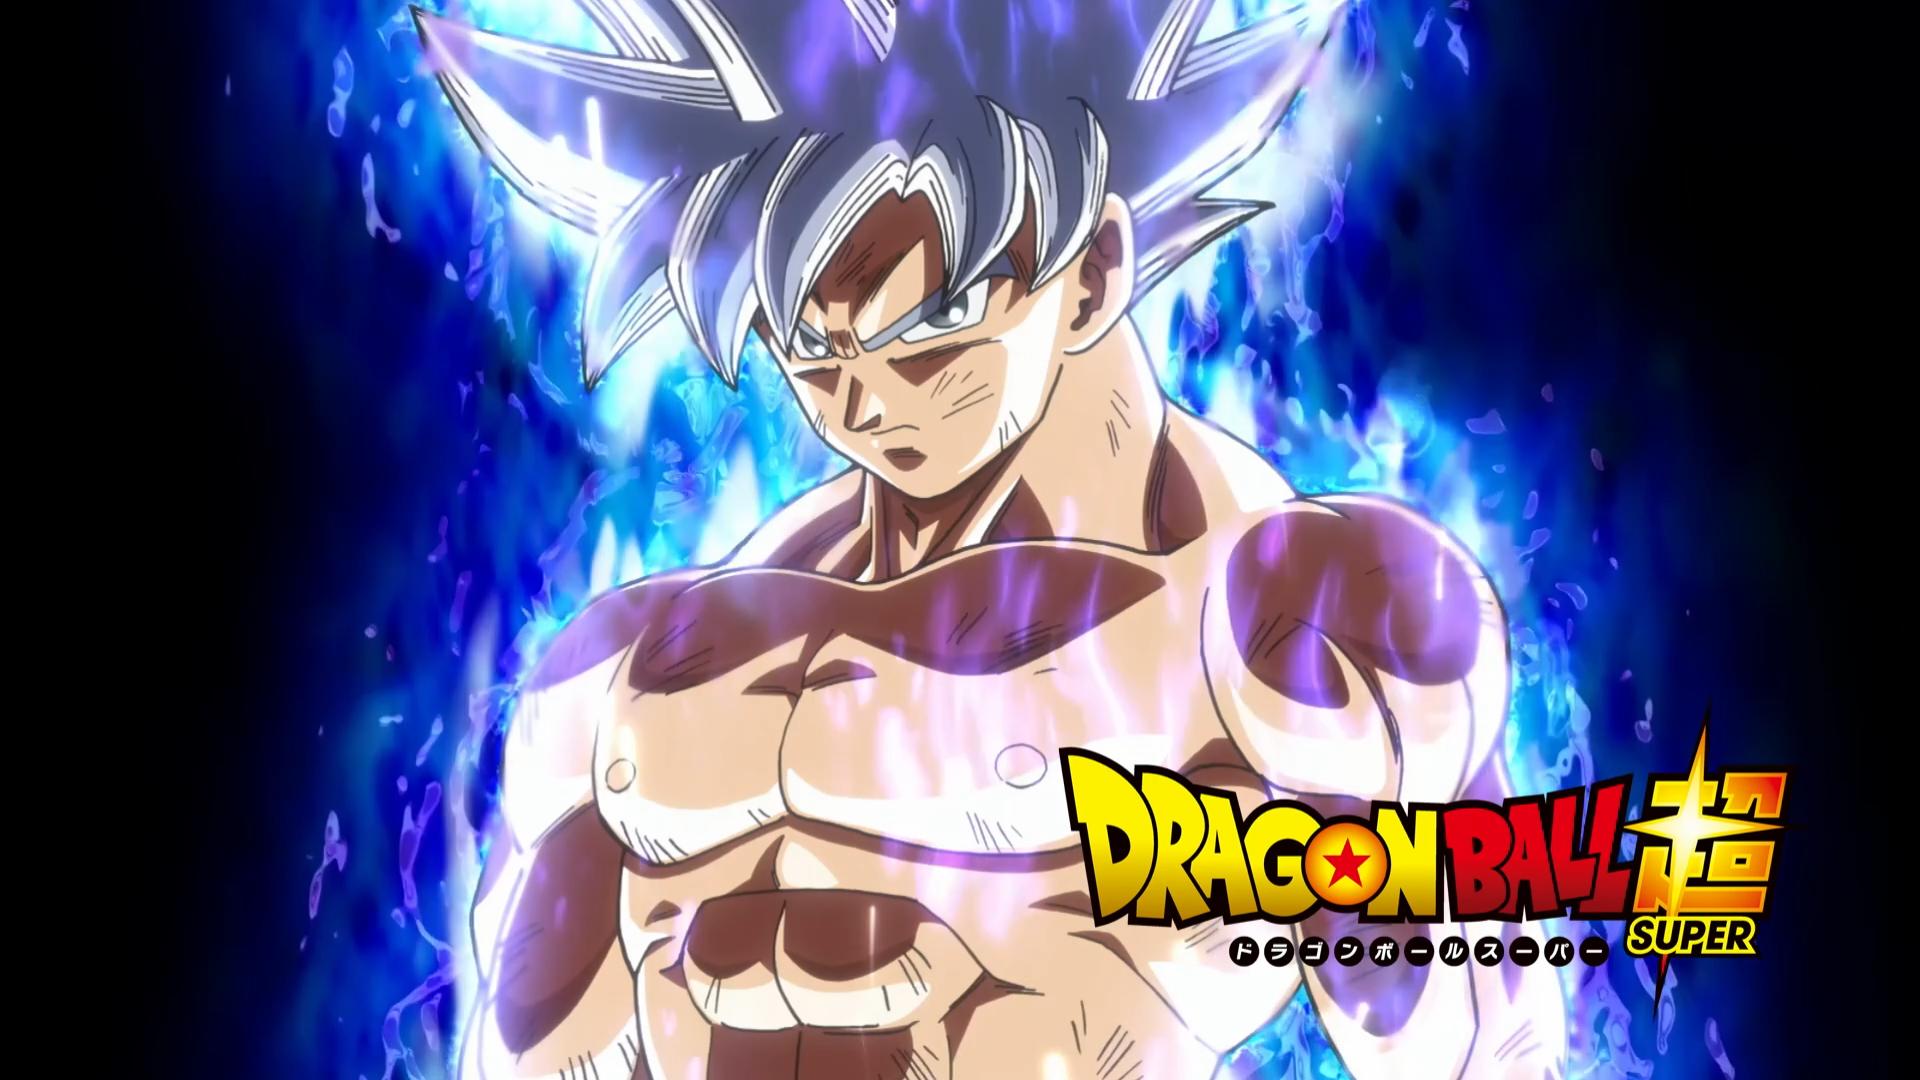 Dragon Ball Super Goku Ultra Instinct Wallpaper Hd Info News